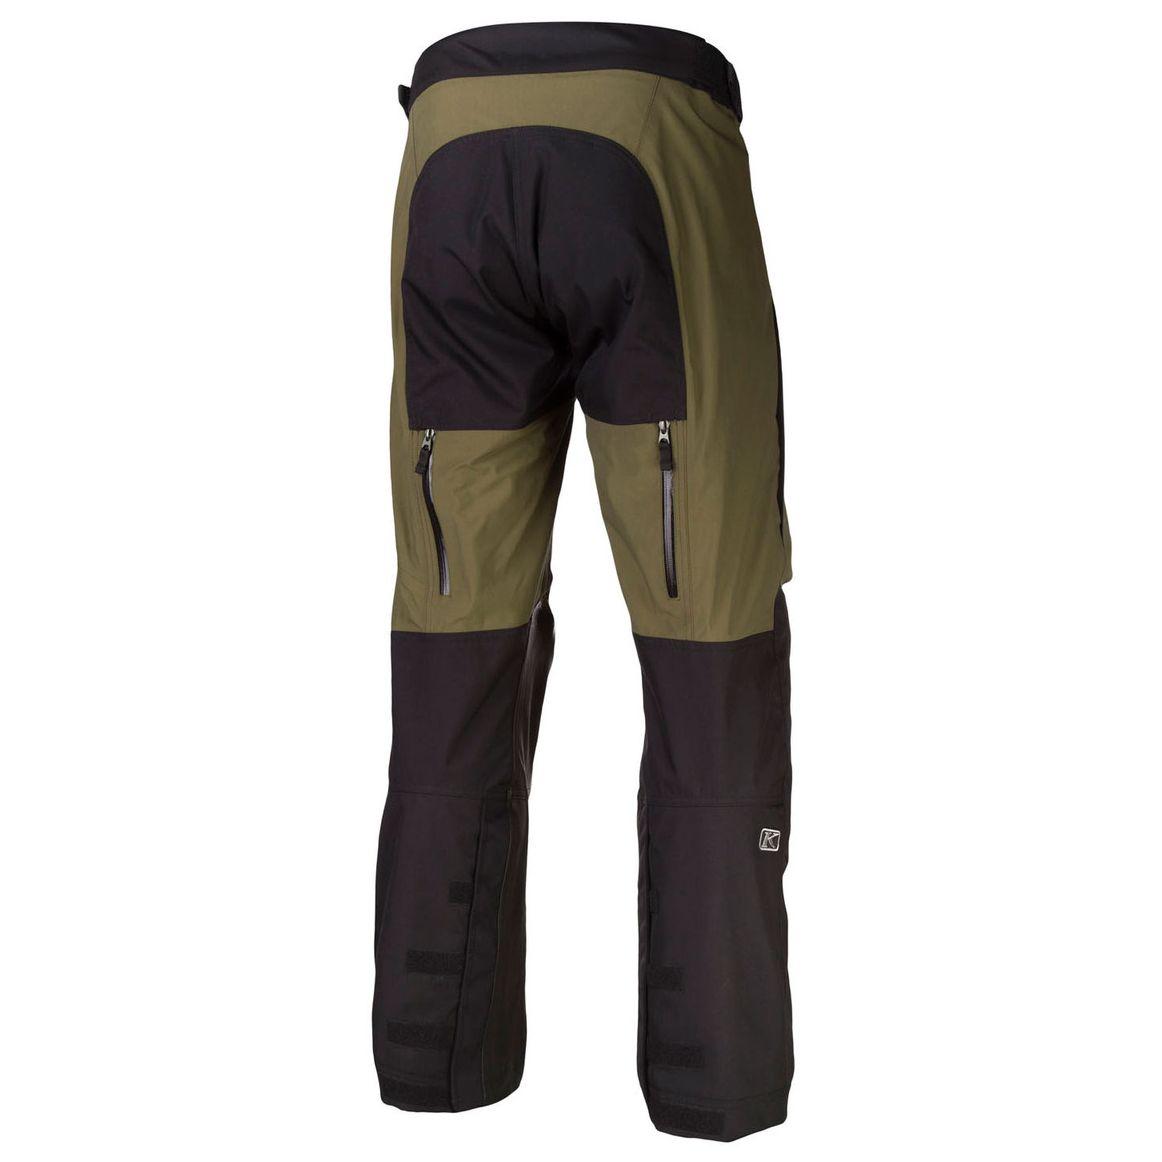 Pantalon moto anti chaleur